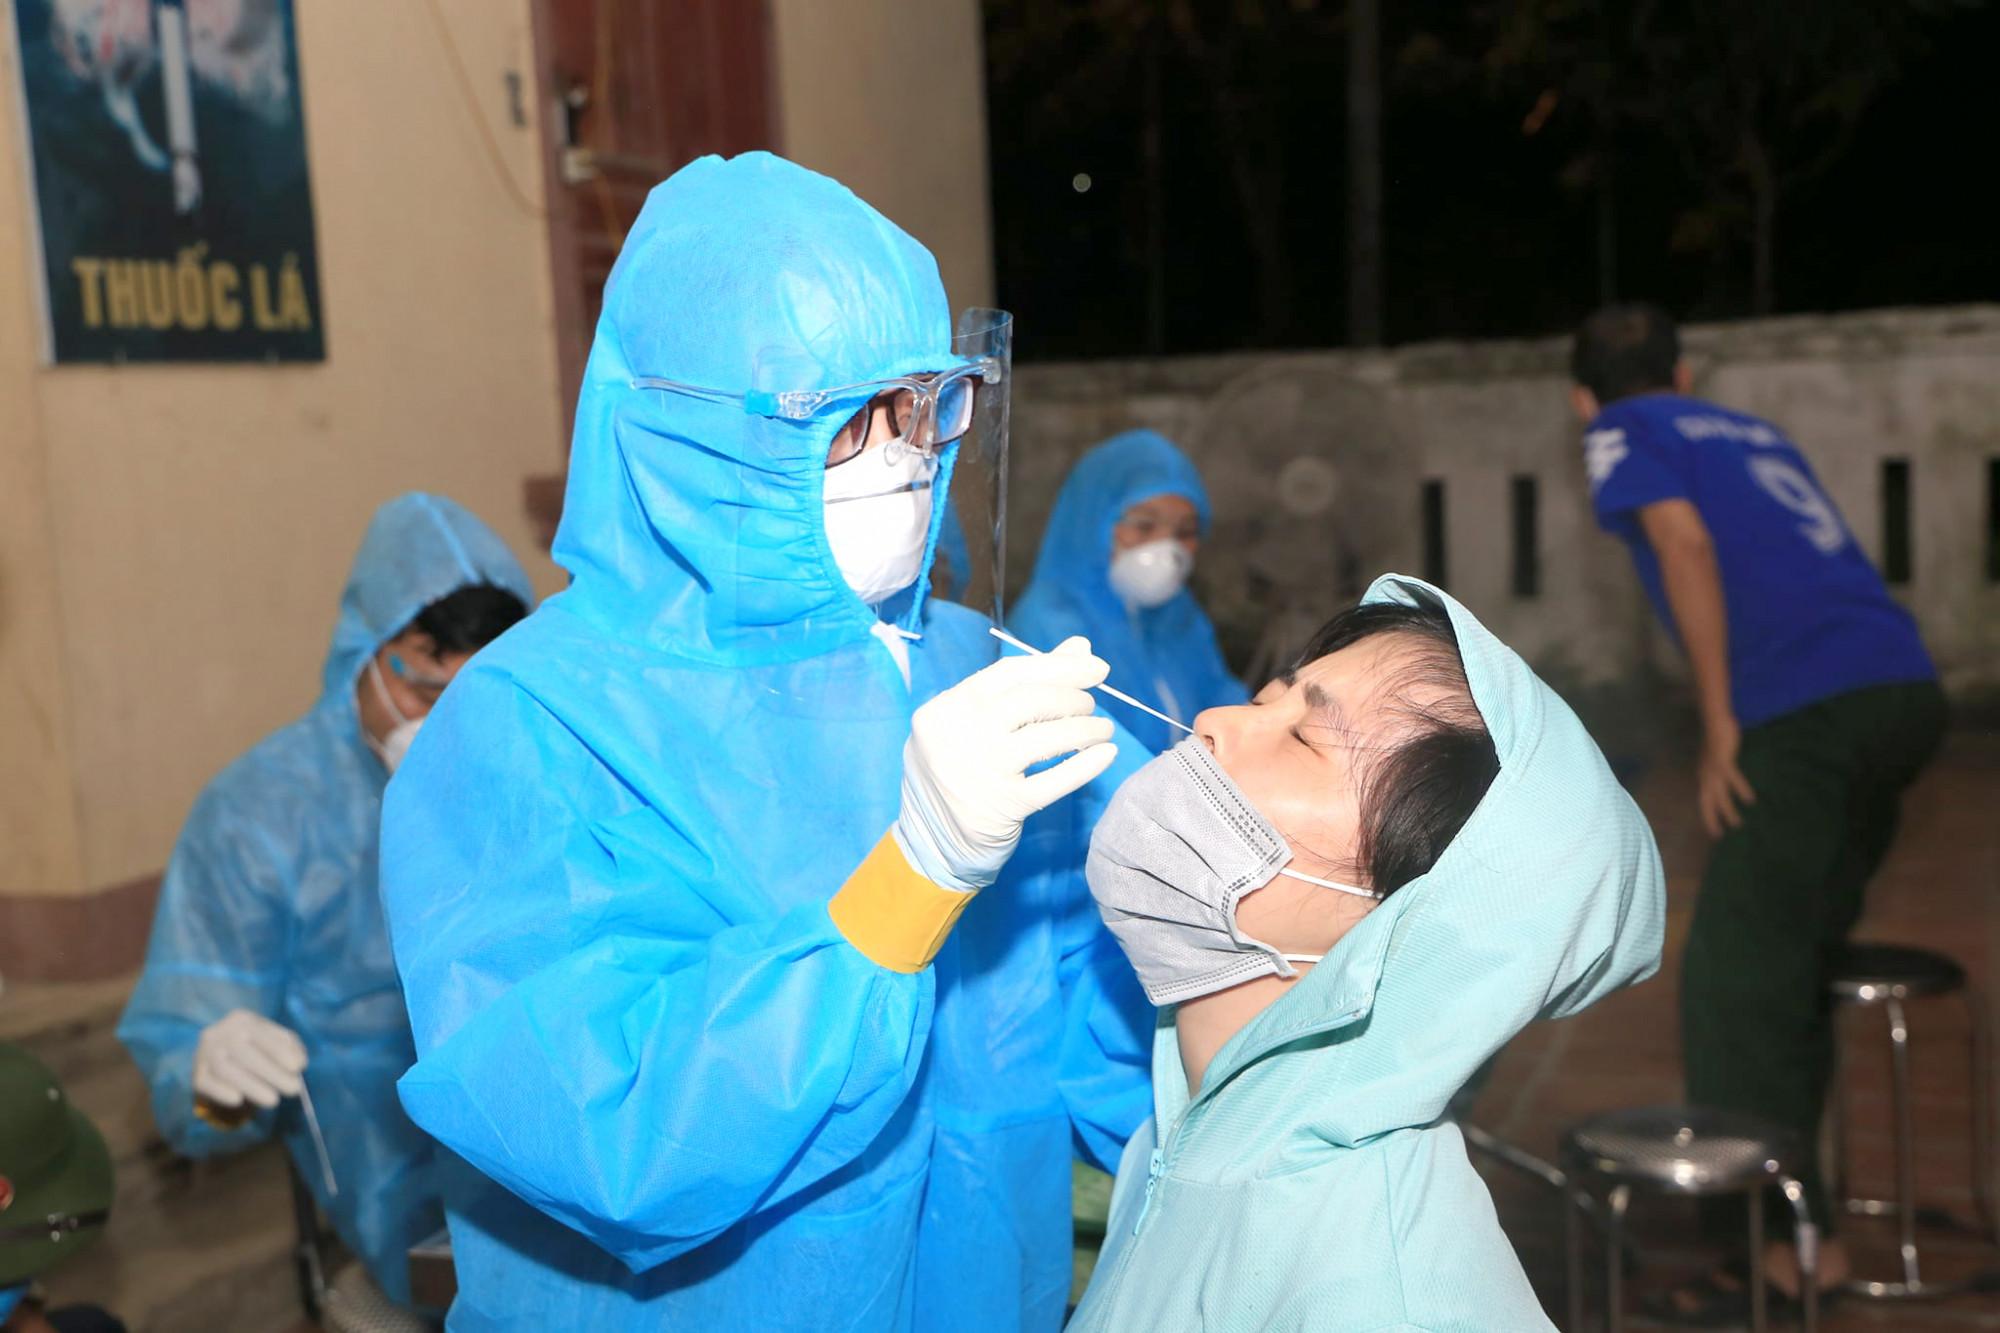 Hàng trăm bác sĩ được huy động tham gia chiến dịch test nhanh cho người dân TP. Vinh